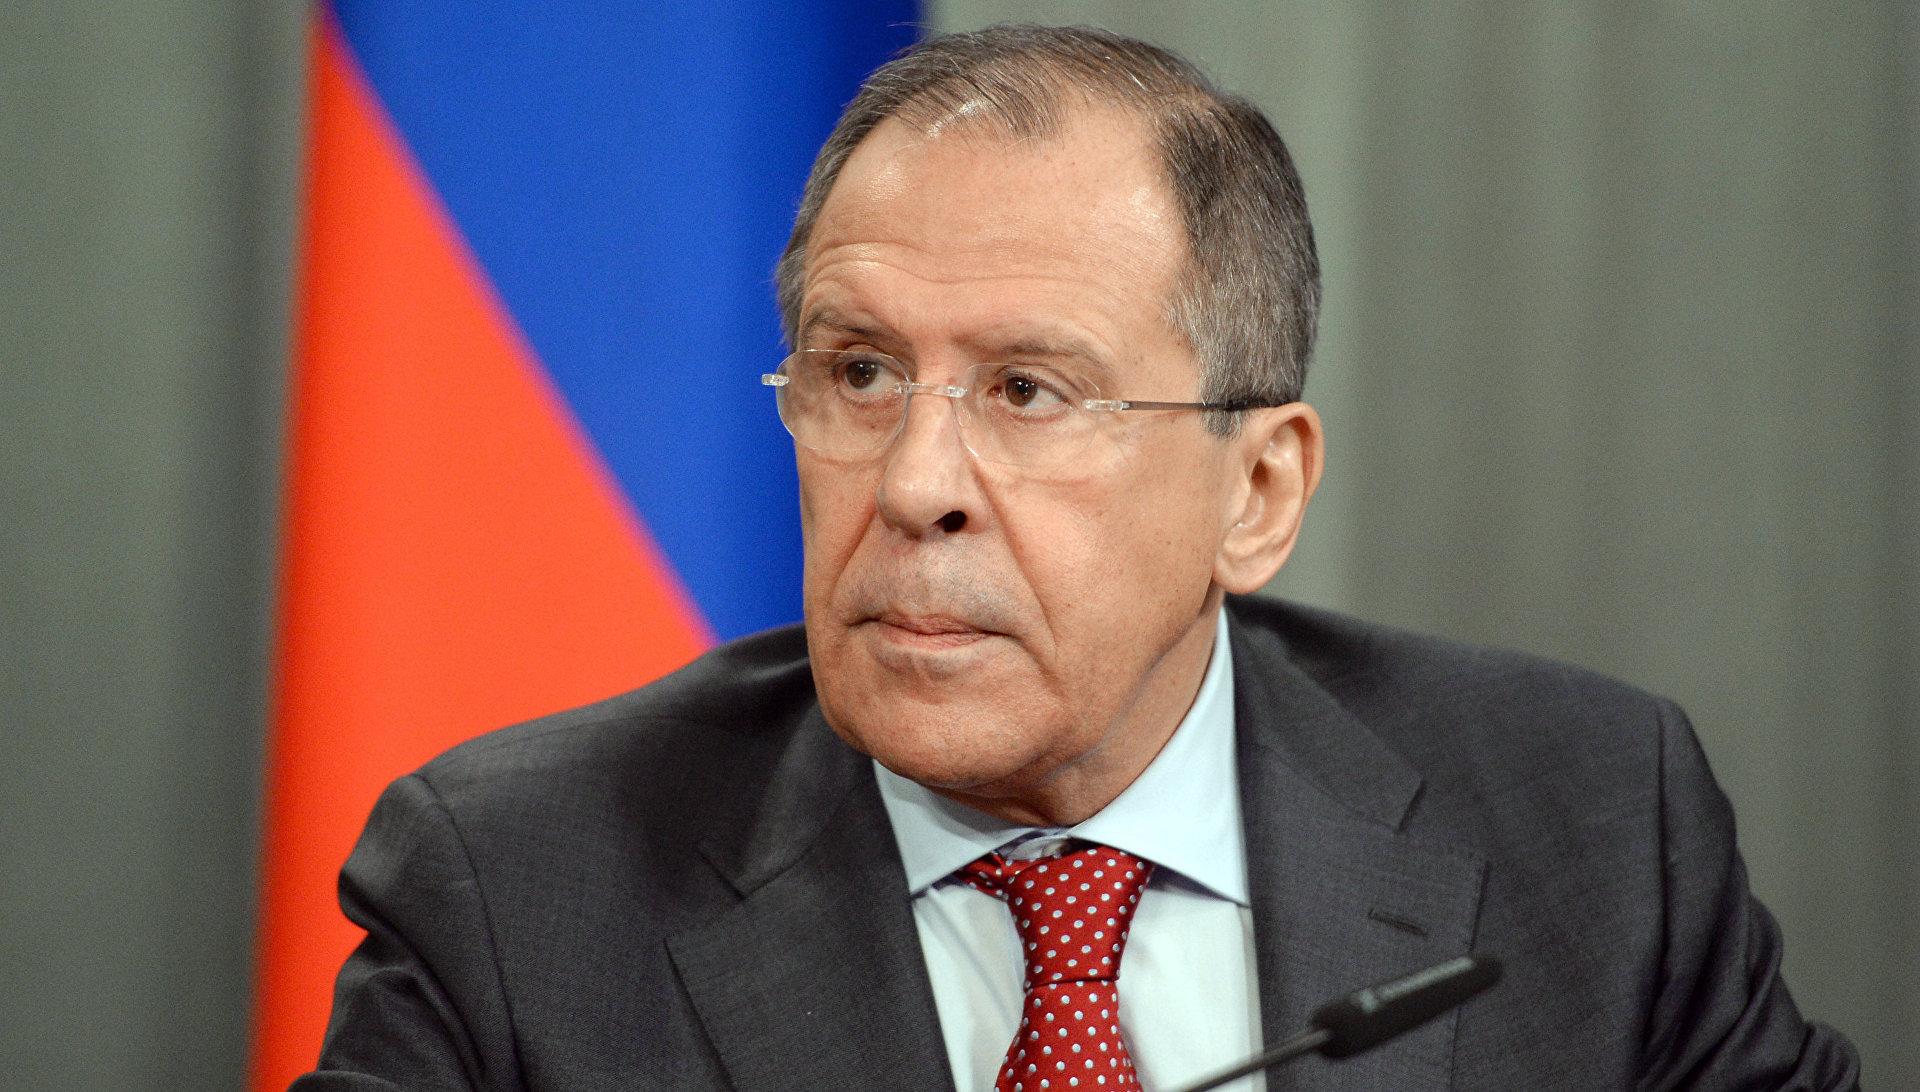 Глава МИД РФ: Большего бреда, чем слова о желании России оккупировать Беларусь, не слышал